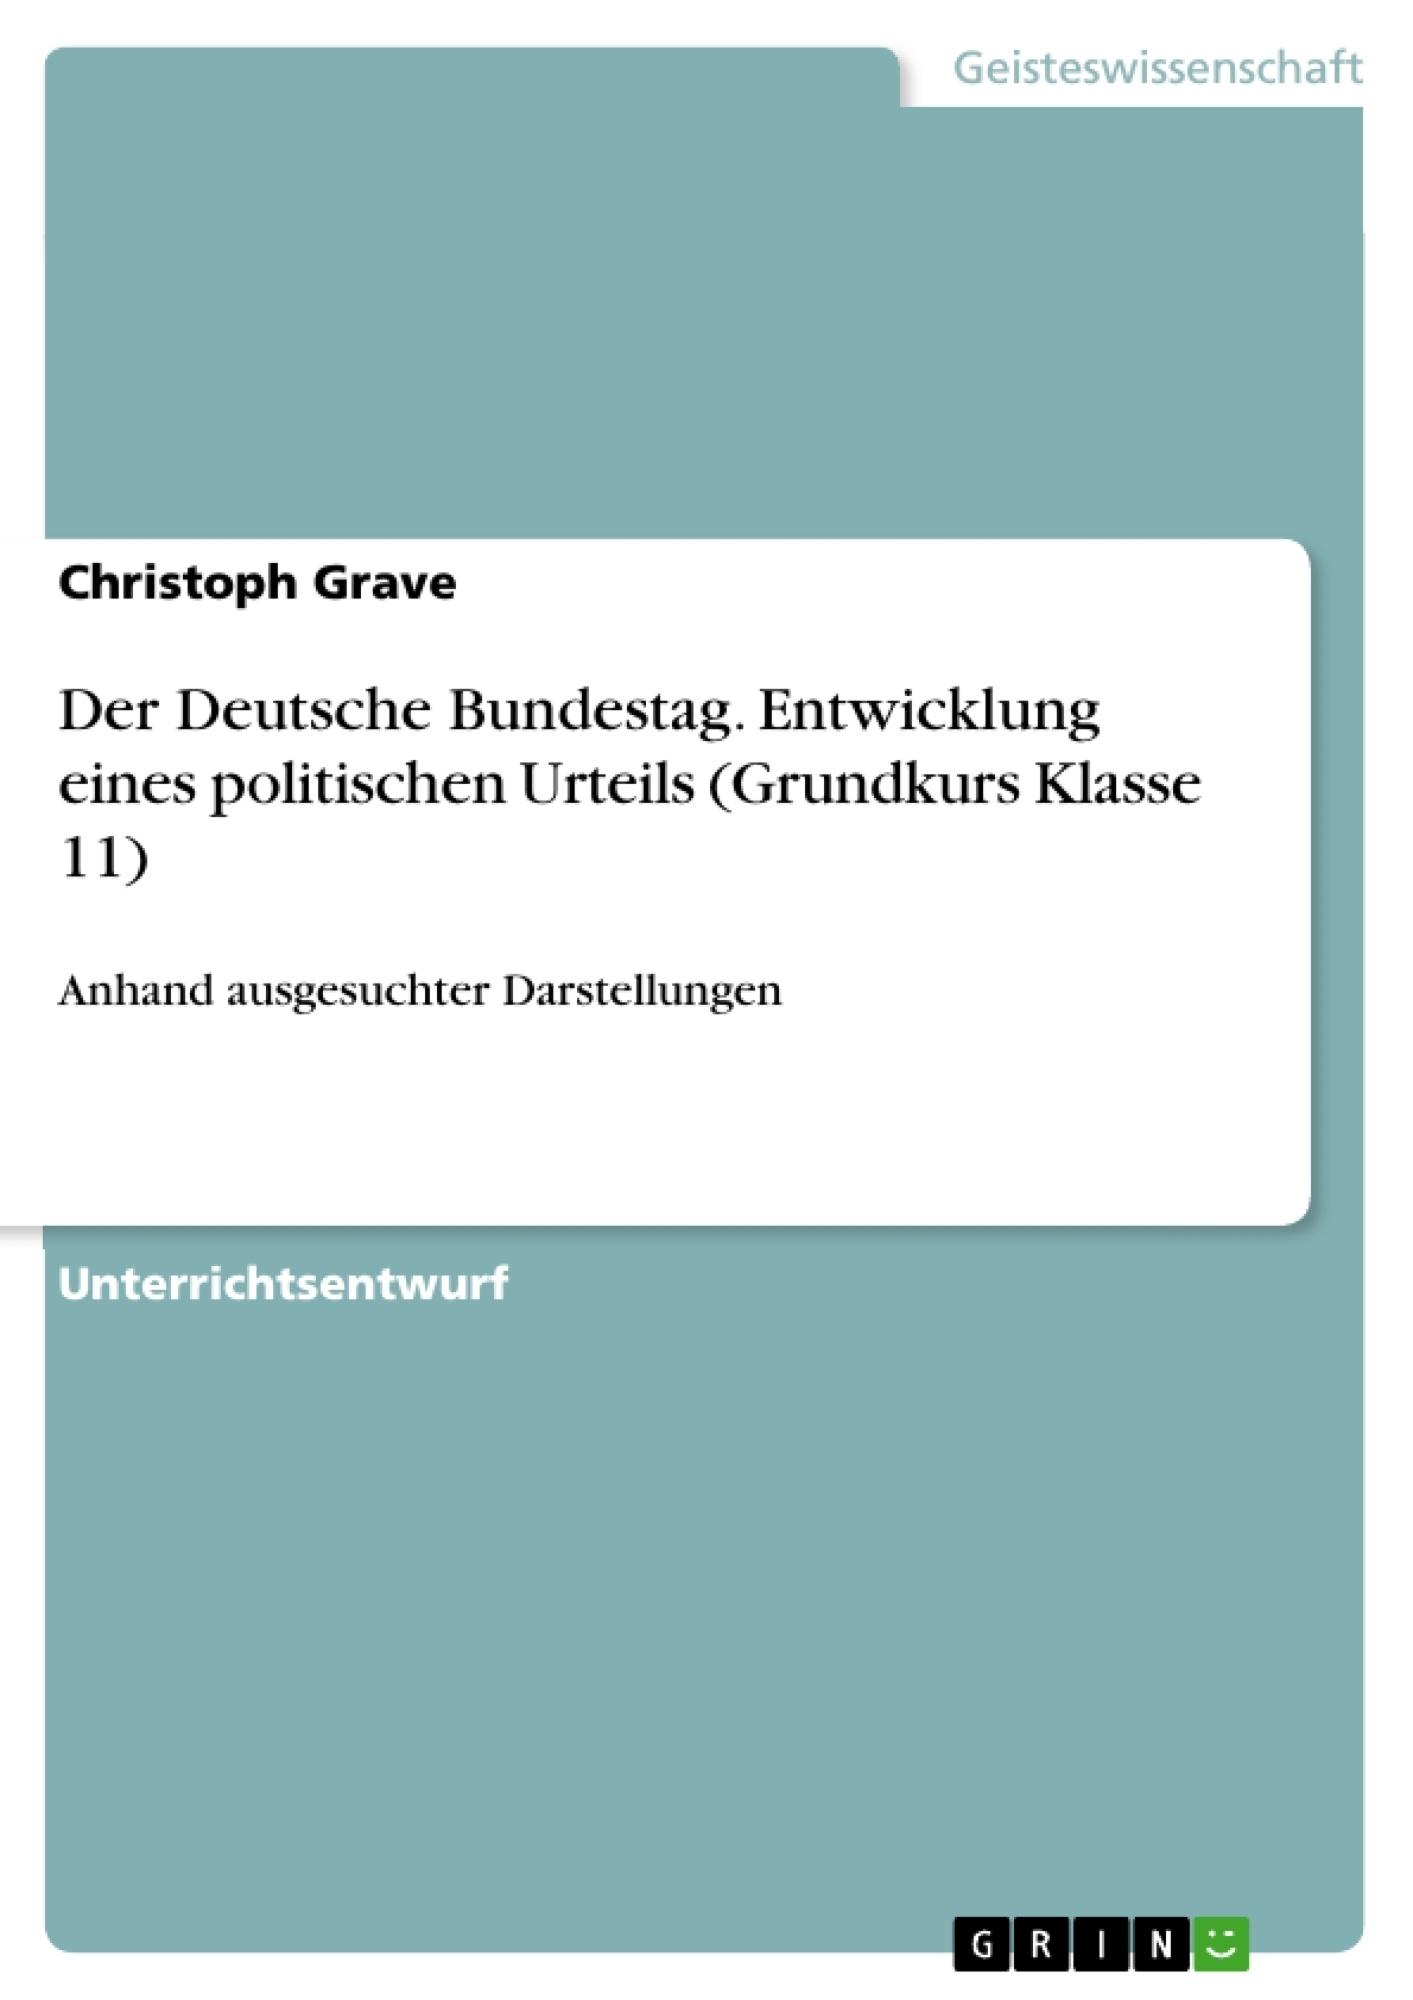 Titel: Der Deutsche Bundestag. Entwicklung eines politischen Urteils (Grundkurs Klasse 11)